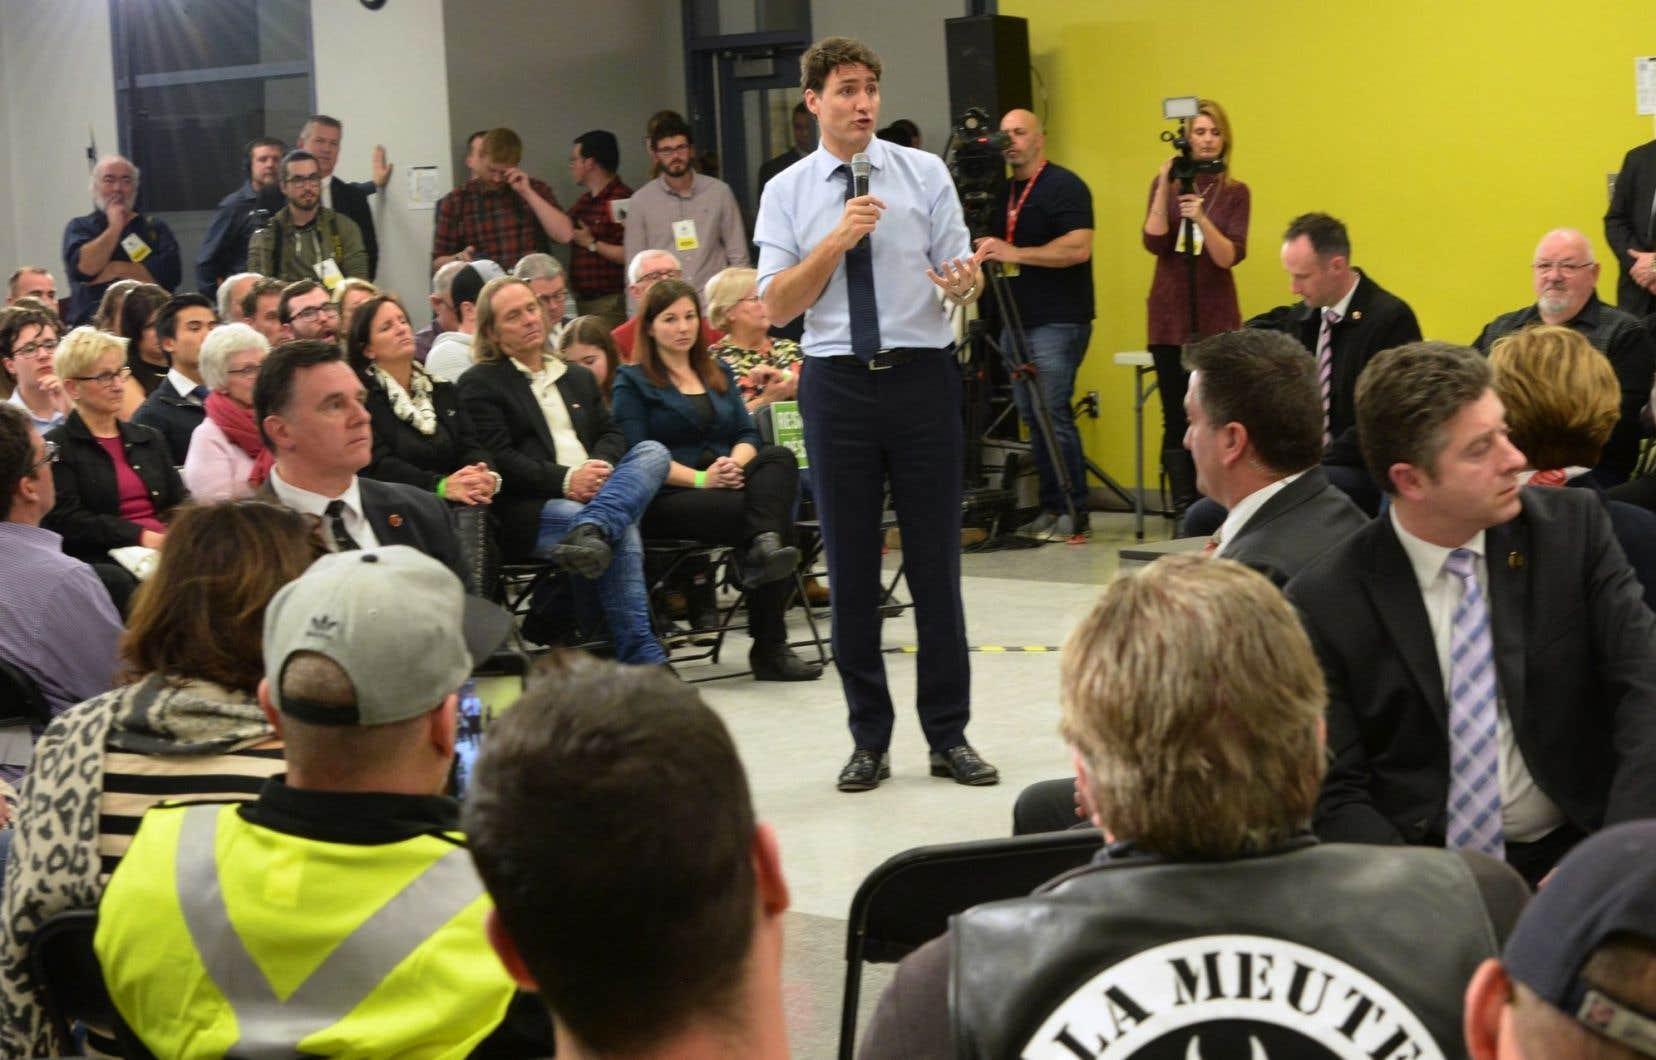 Depuis le début de l'année, le premier ministre libéral, Justin Trudeau, a été pris à partie à plusieurs reprises, lors de bains de foules ou de débats publics, par des personnes vêtues de gilets jaunes.